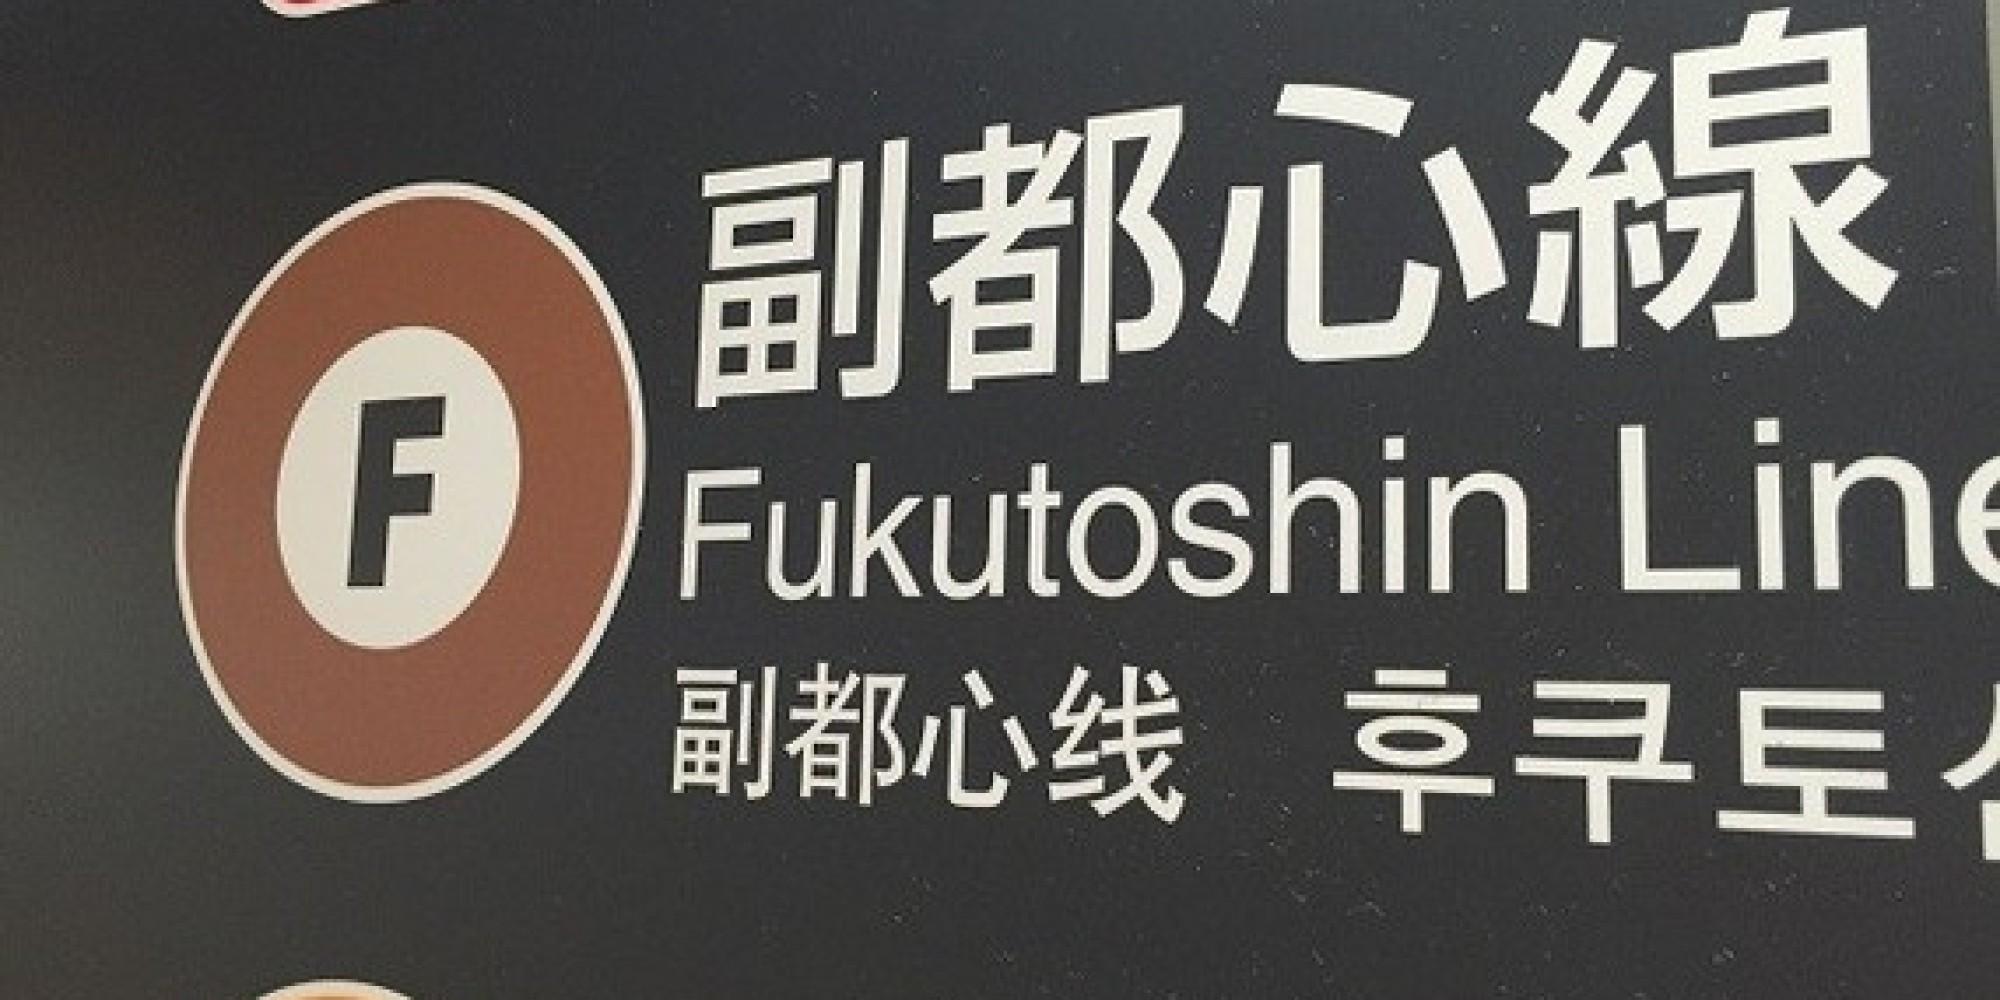 地方出身者が感心した「プロ東京都民」の行動6選 ... 地方出身者が感心した「プロ東京都民」の行